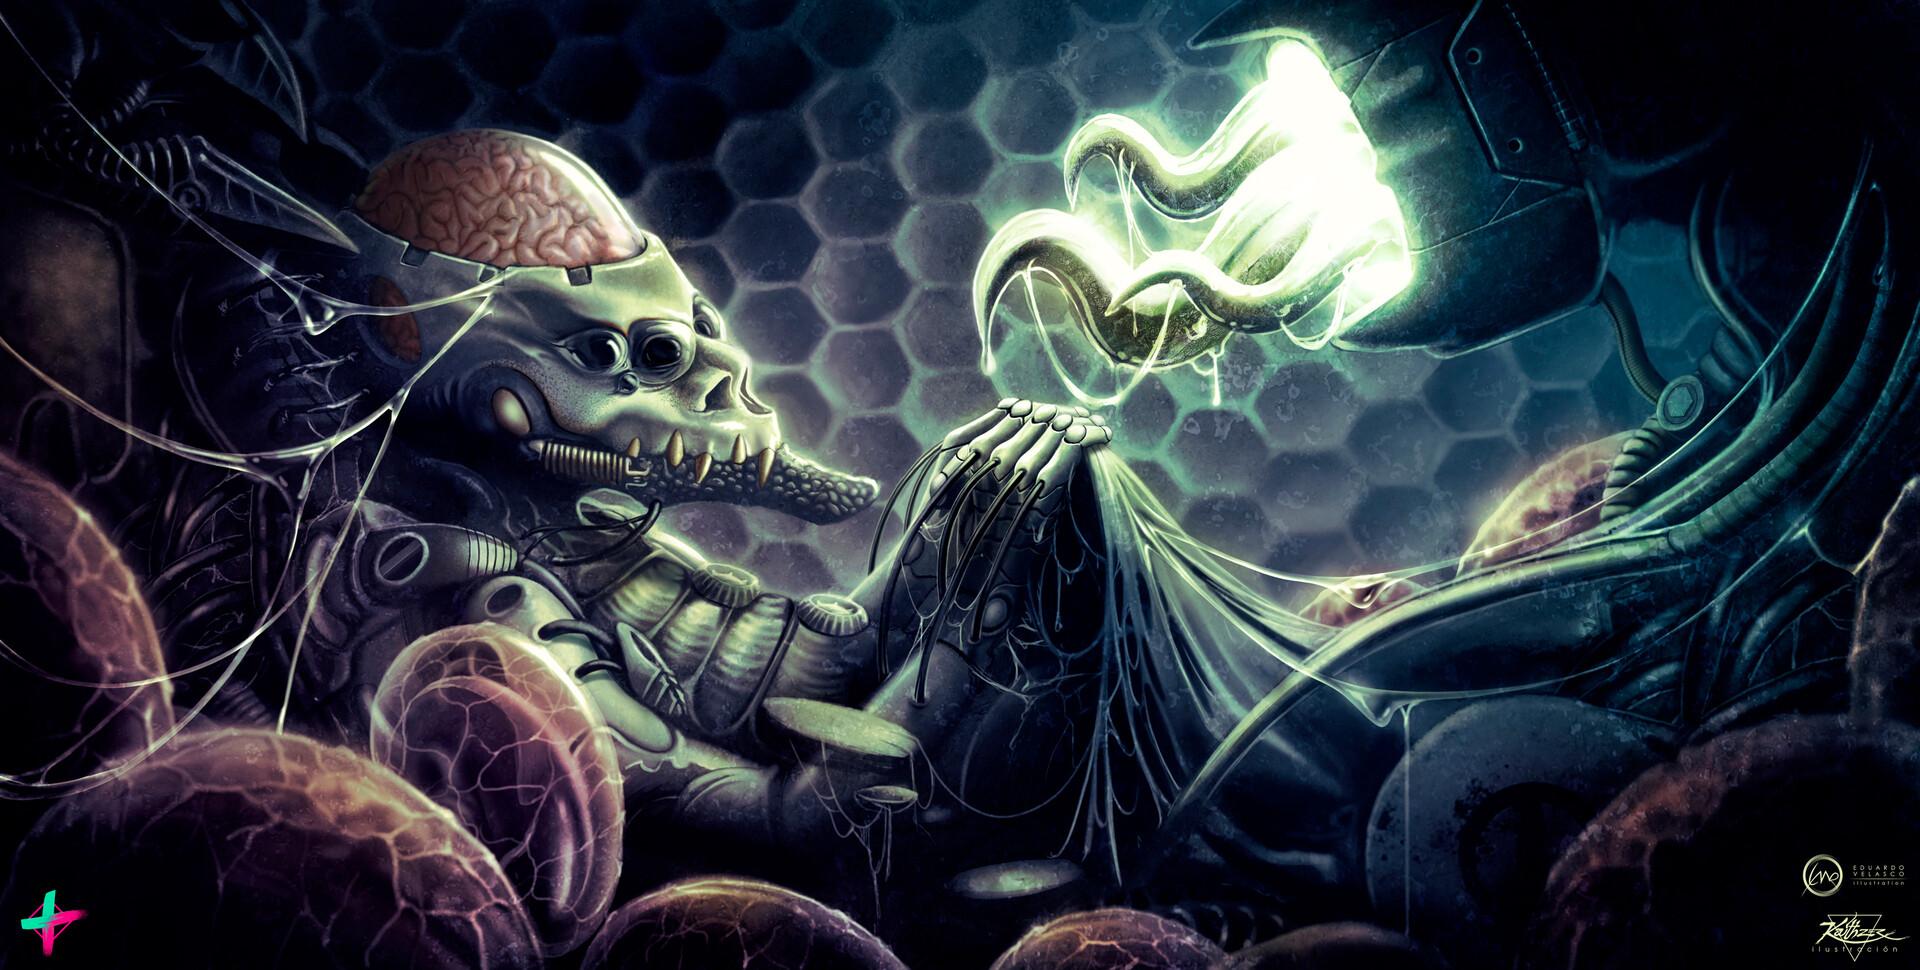 Kaithzer morejon kaithzer morejon alien final firma